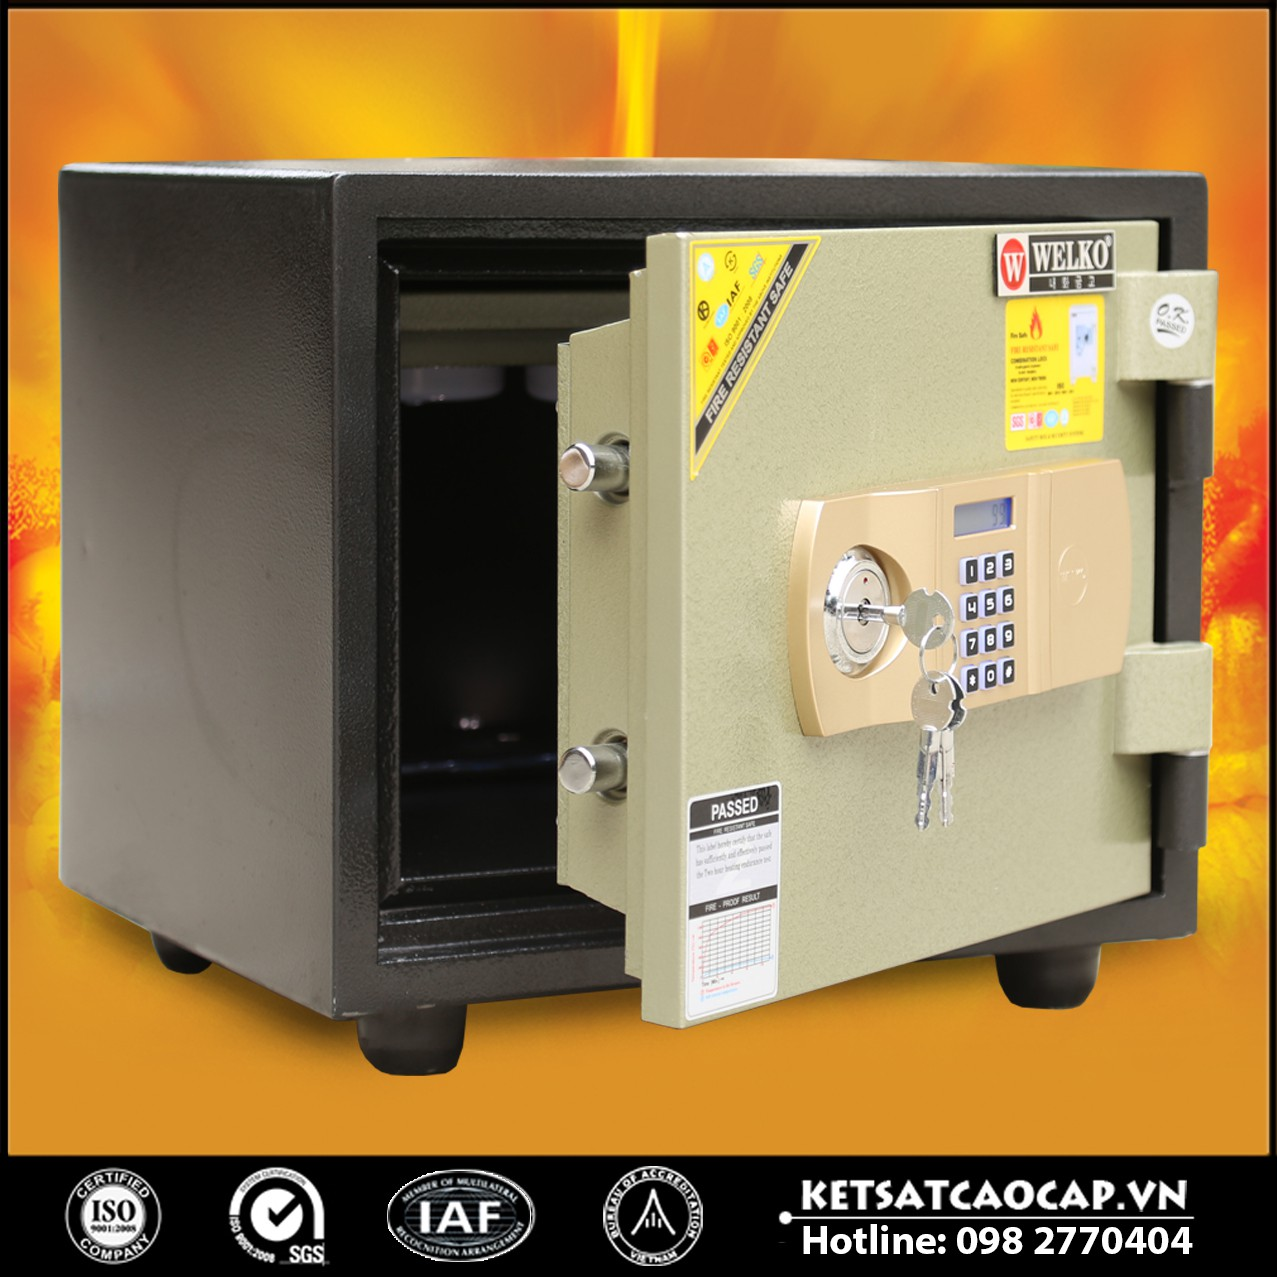 Két Sắt Chống Cháy LX410 - E Gold